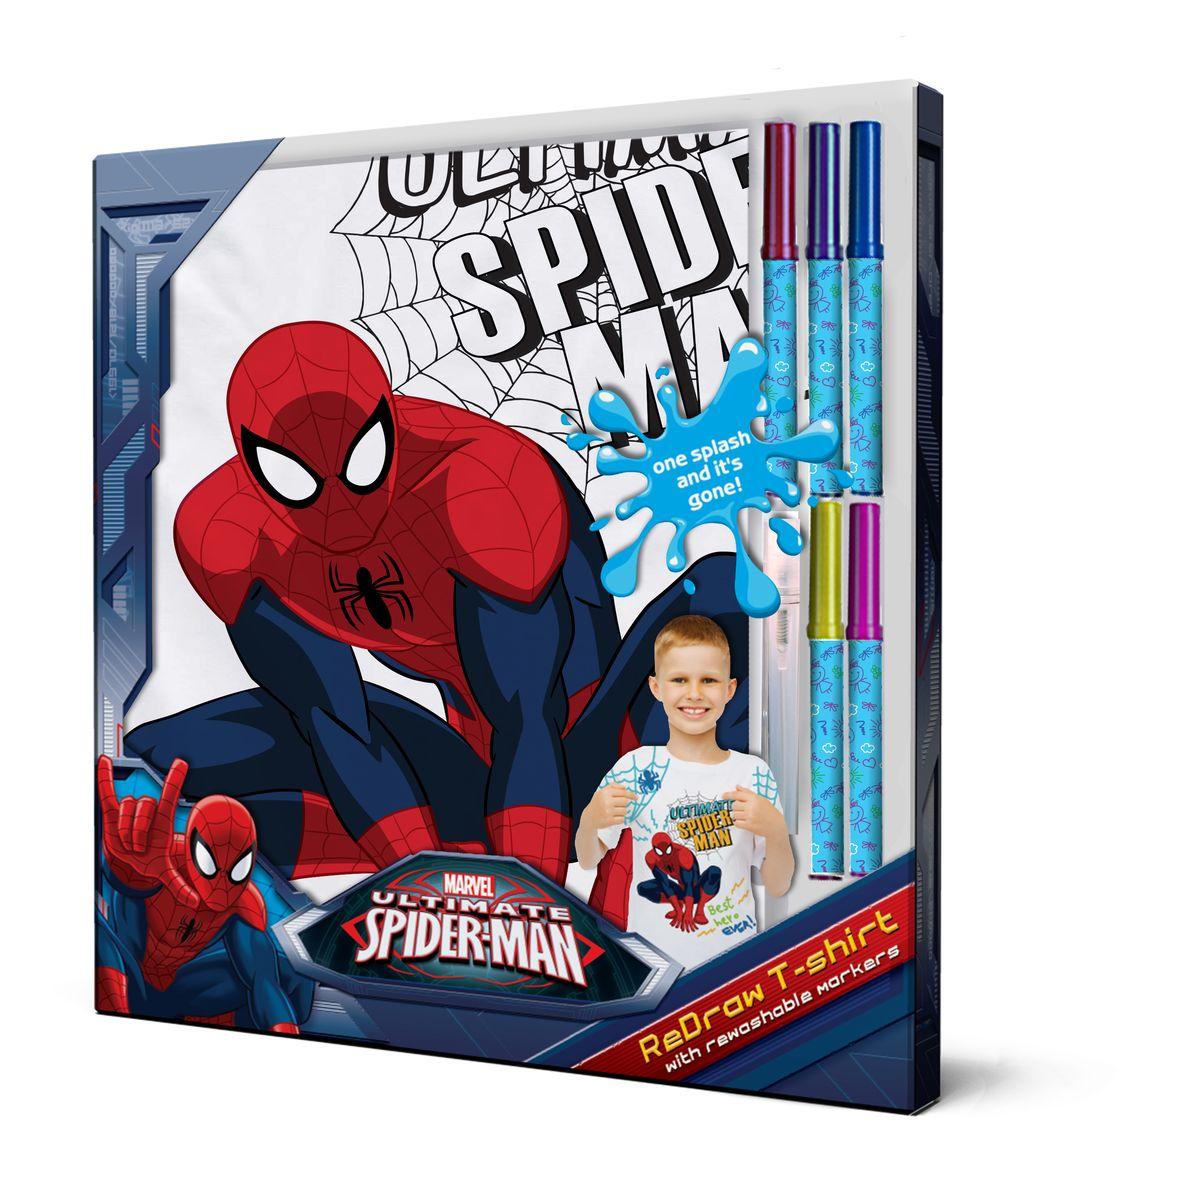 Spider-Man Футболка с фломастерами для раскрашивания возраст 8 лет/рост 128 см